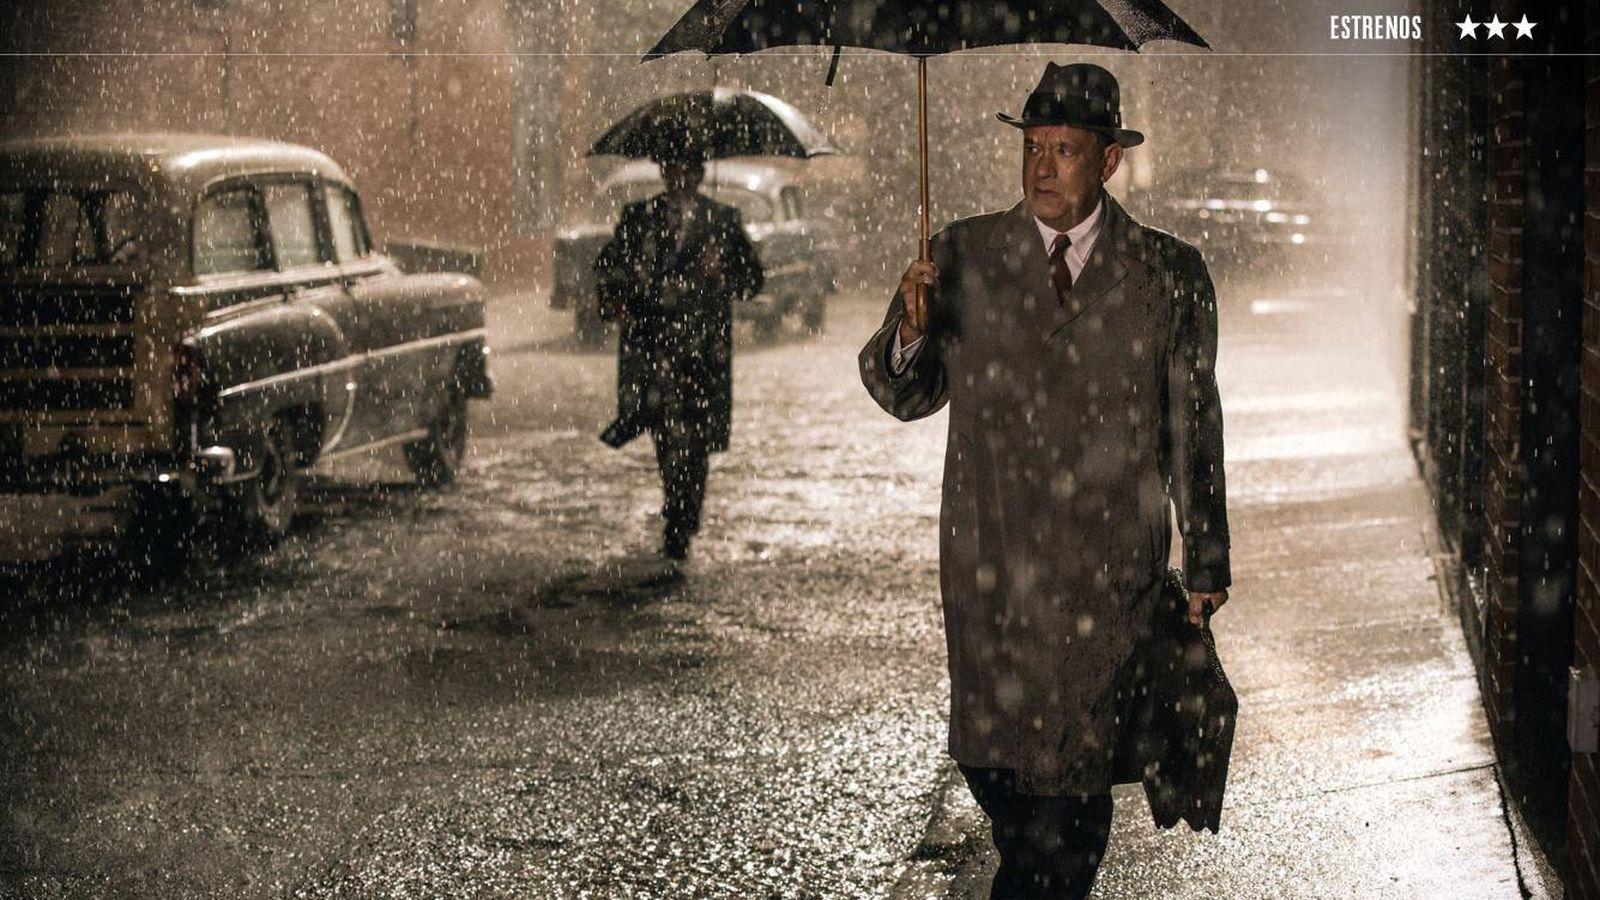 Foto: Fotograma del nuevo filme de Steven Spielberg